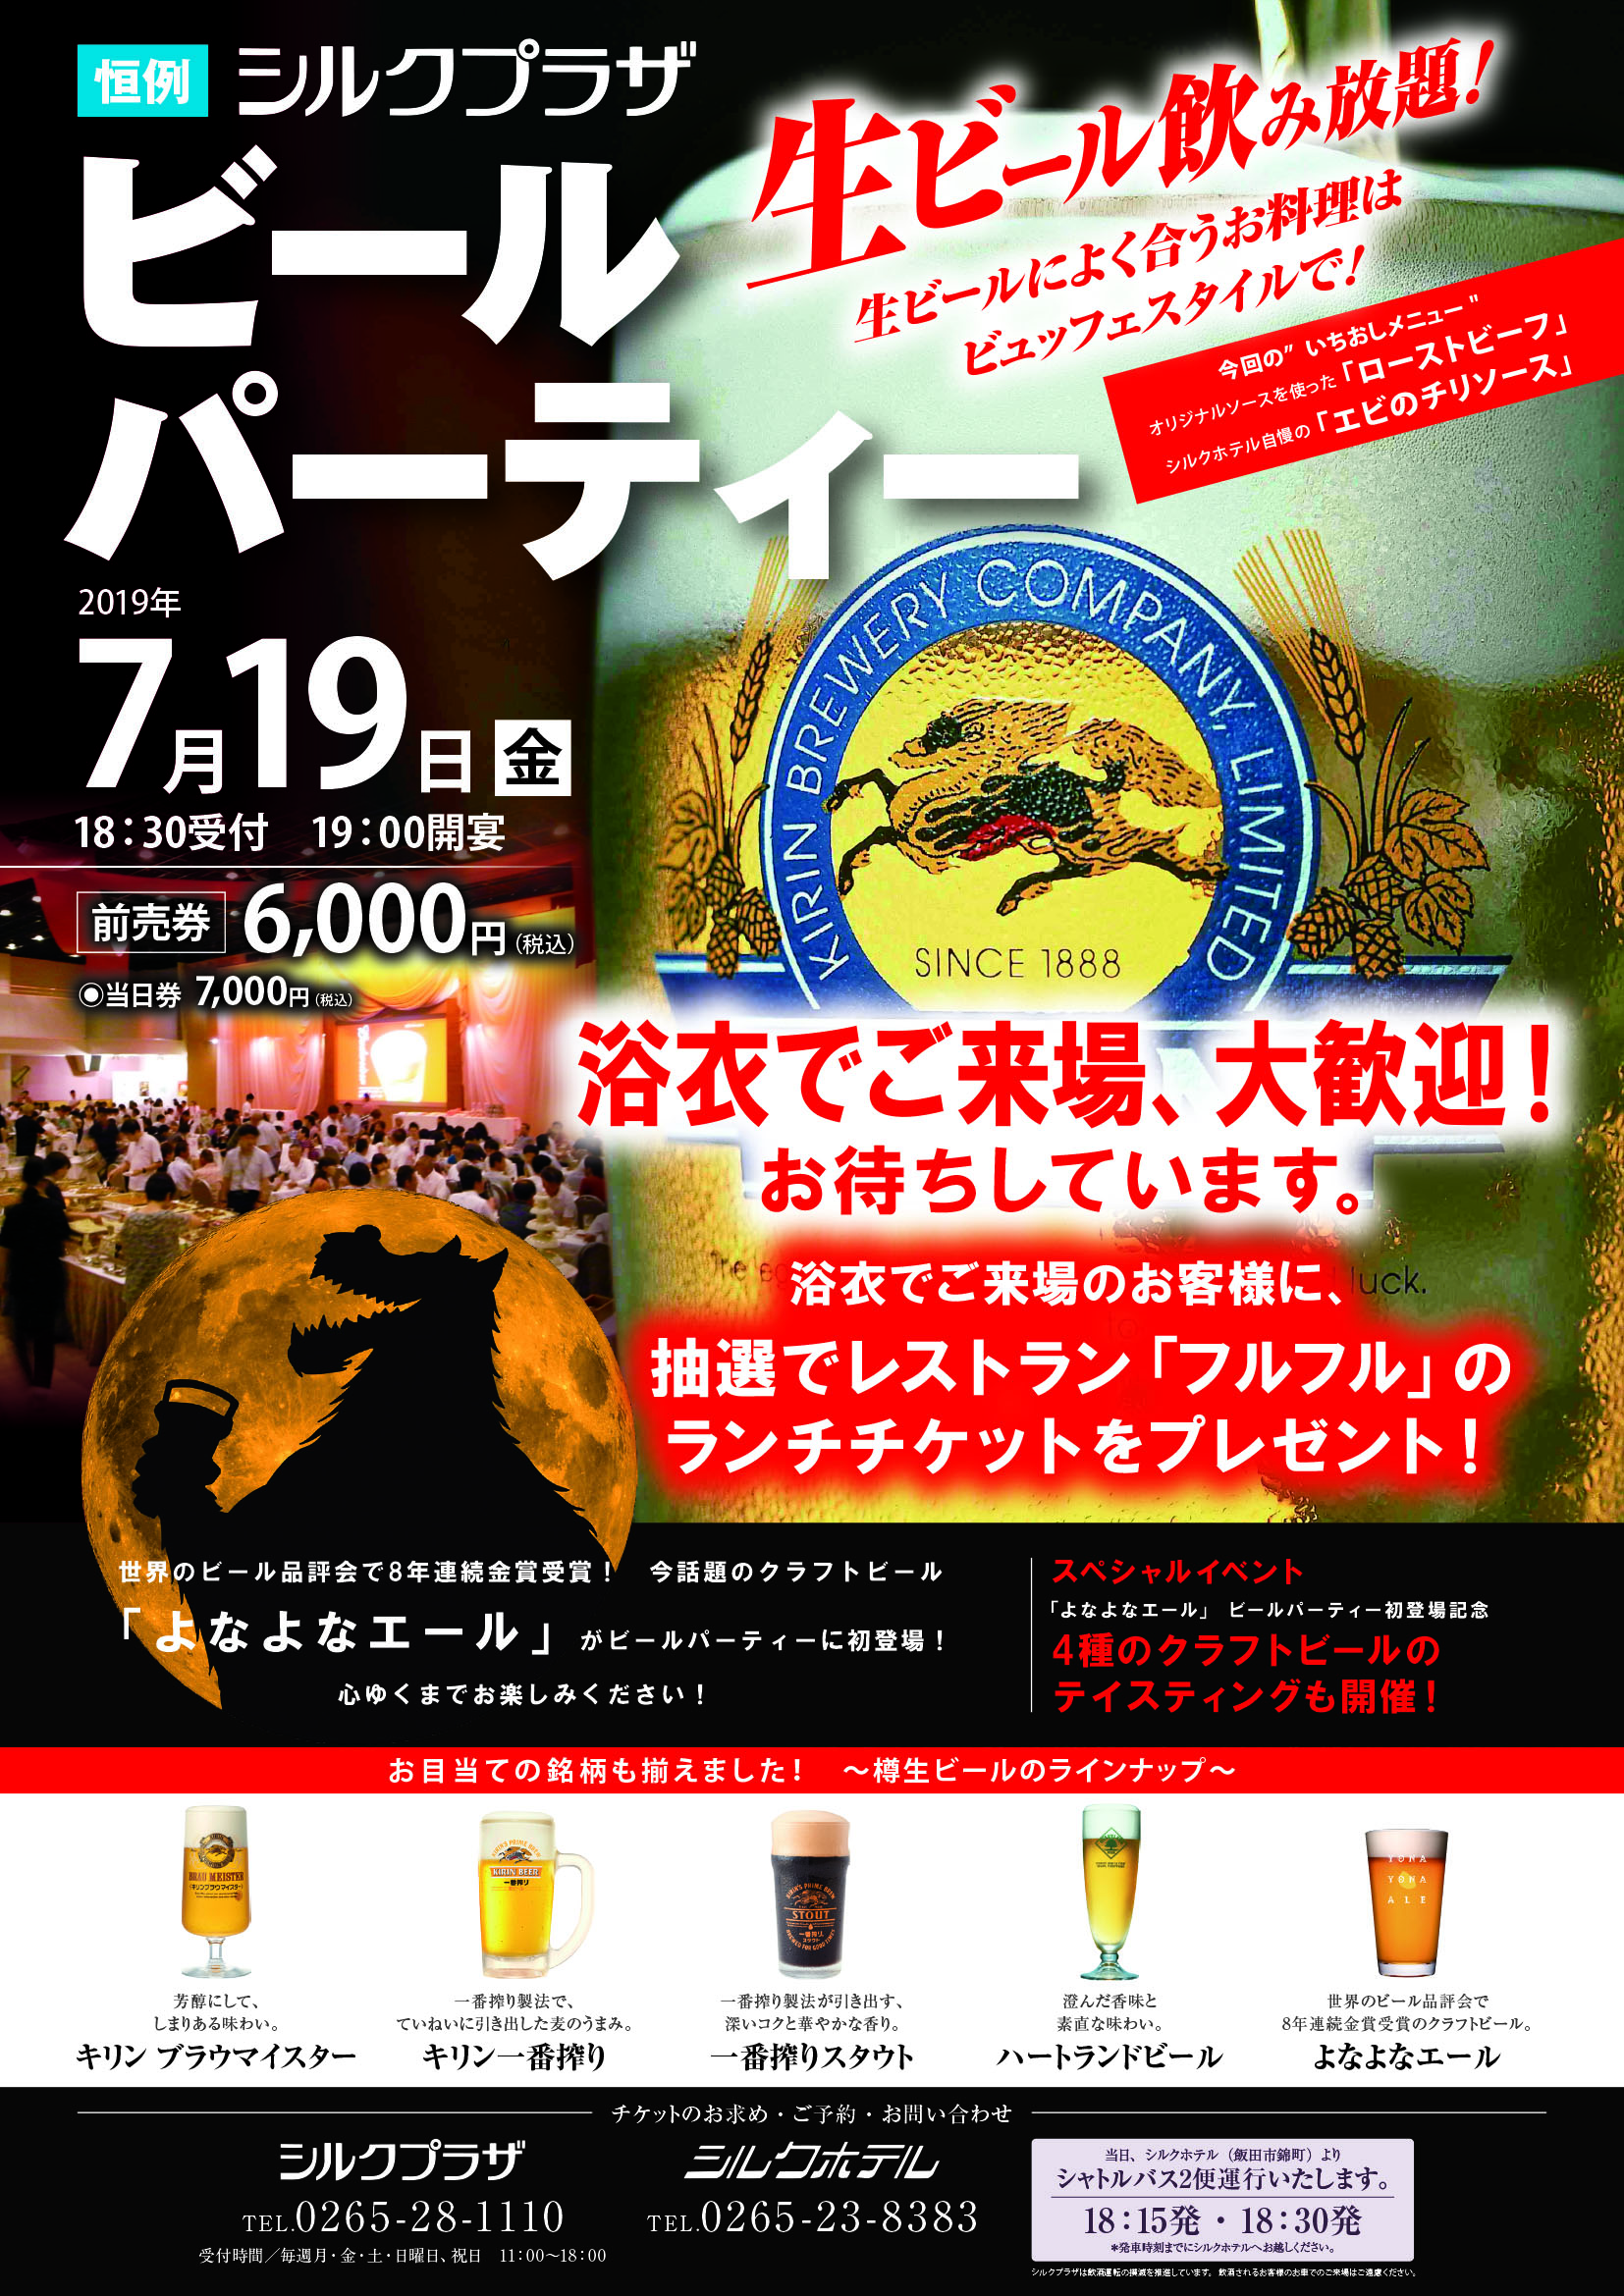 7/19(金)ビールパーティー開催決定!